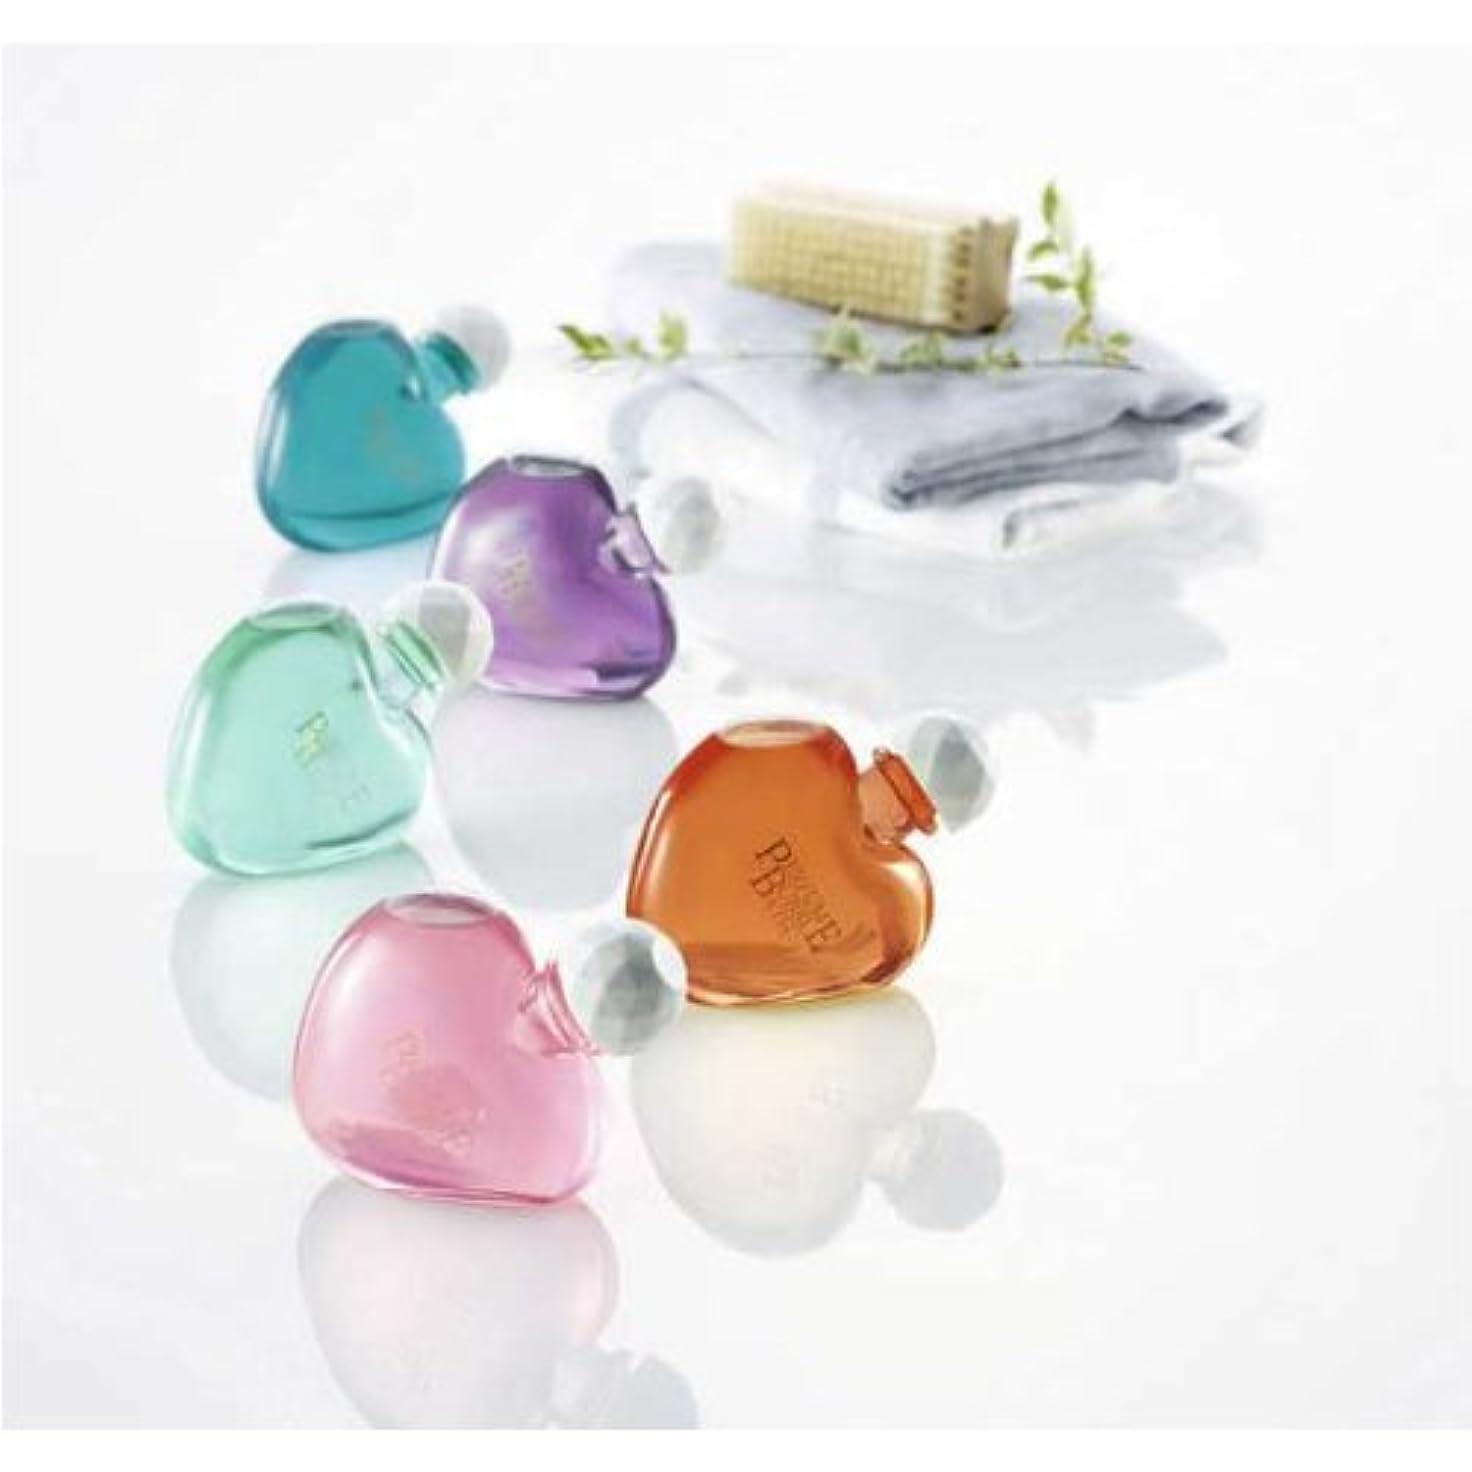 破壊的な静けさ第二フルーツの香り パフューム バブルバス 5色セット